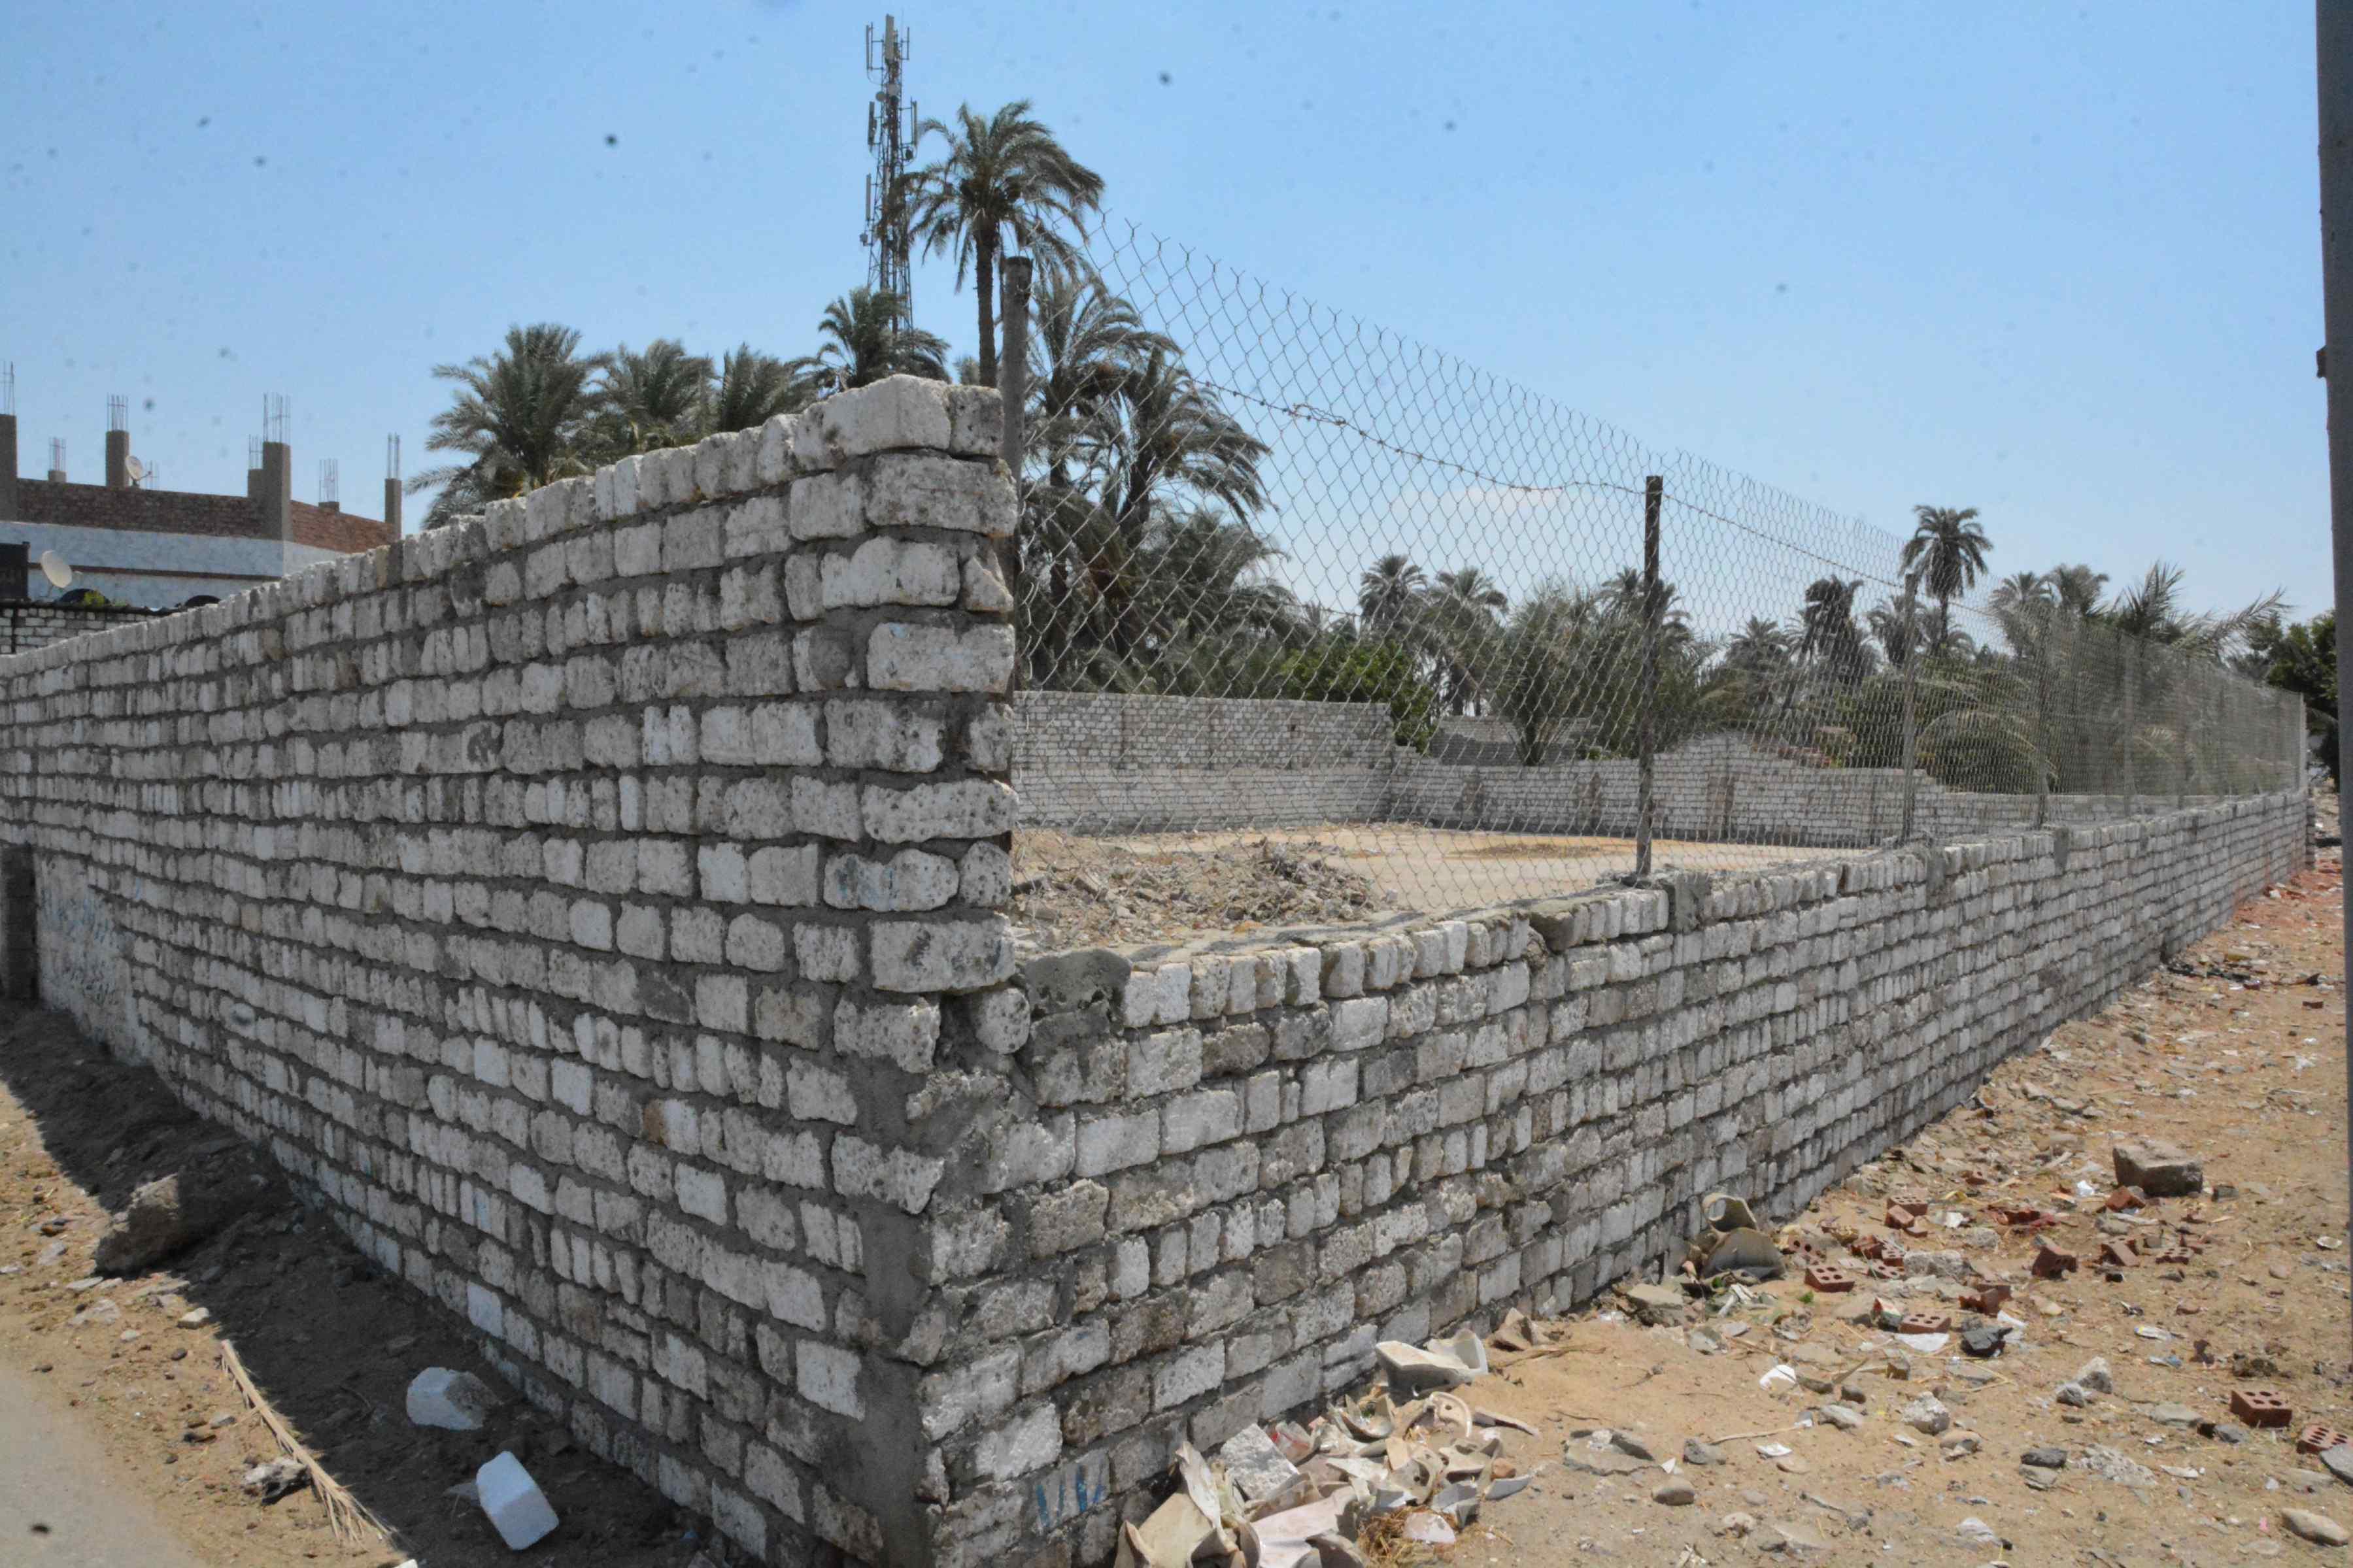 محافظ المنيا يوجه بإزالة فورية لتعد على حرم الطريق (2)